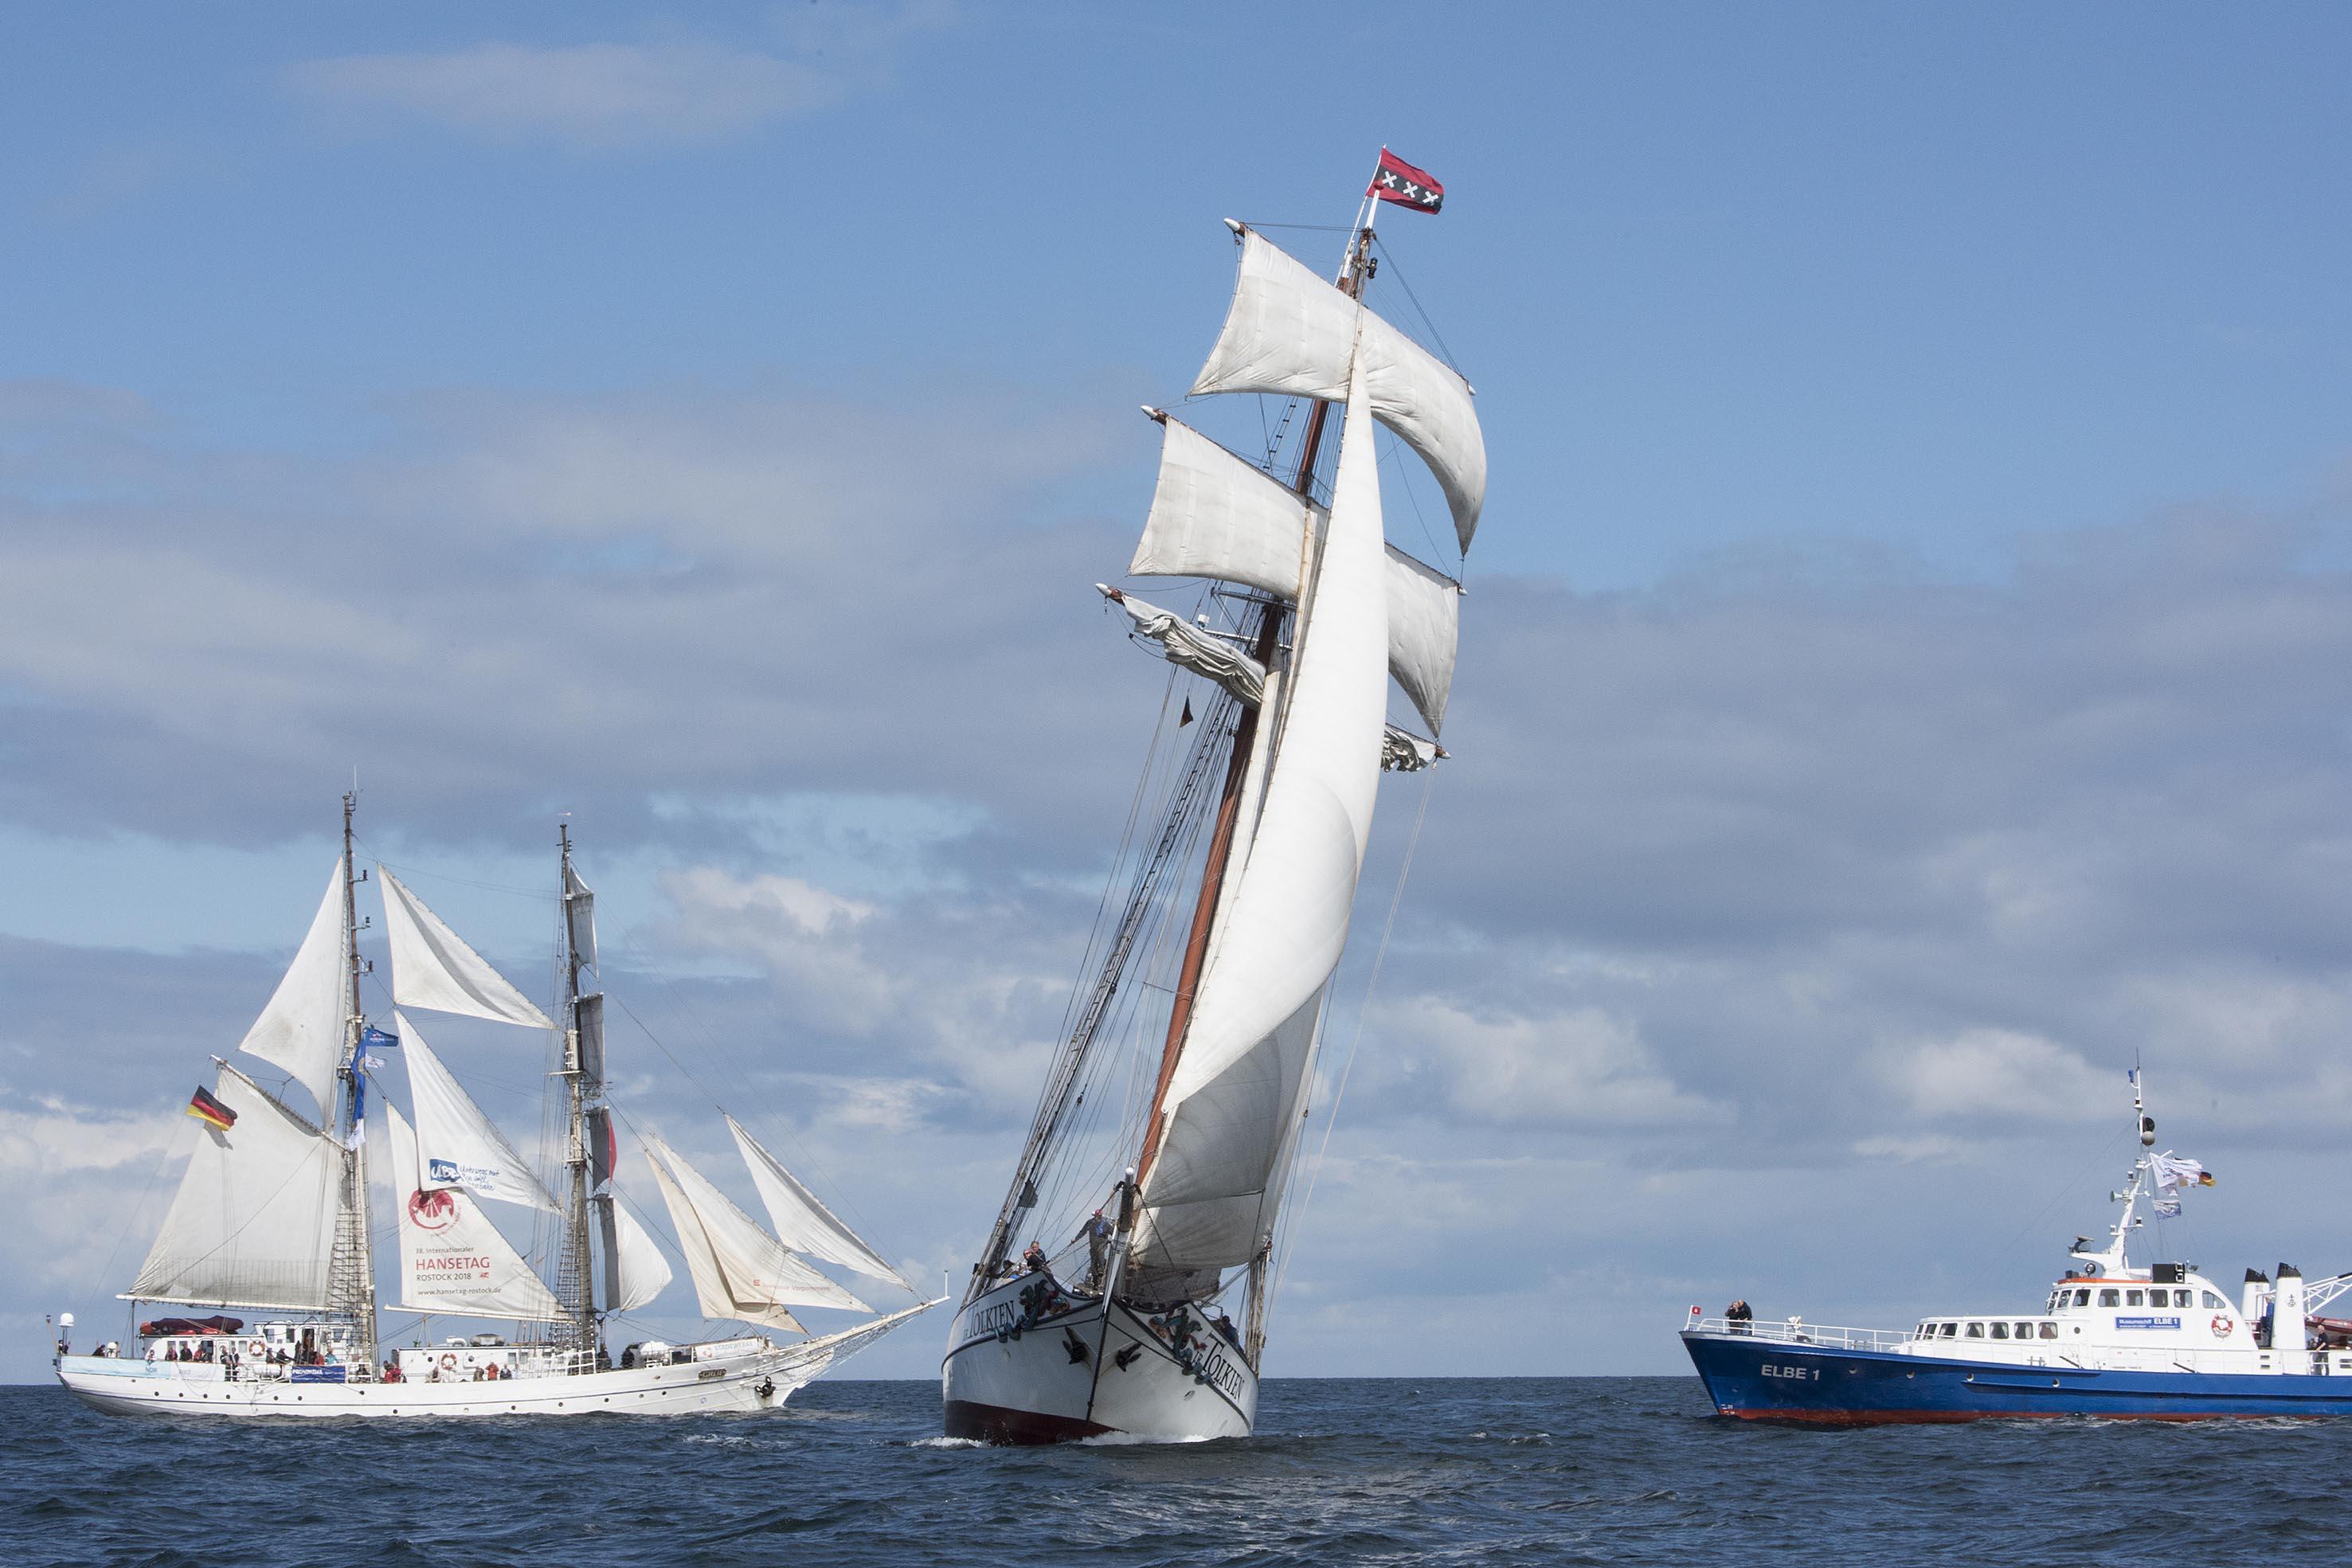 Die Hanse Sail Rostock ist ein Groß- und Traditionsseglertreffen und folglich stehen auch dieses Jahr wieder die Schiffe im Mittelpunkt des Geschehens.